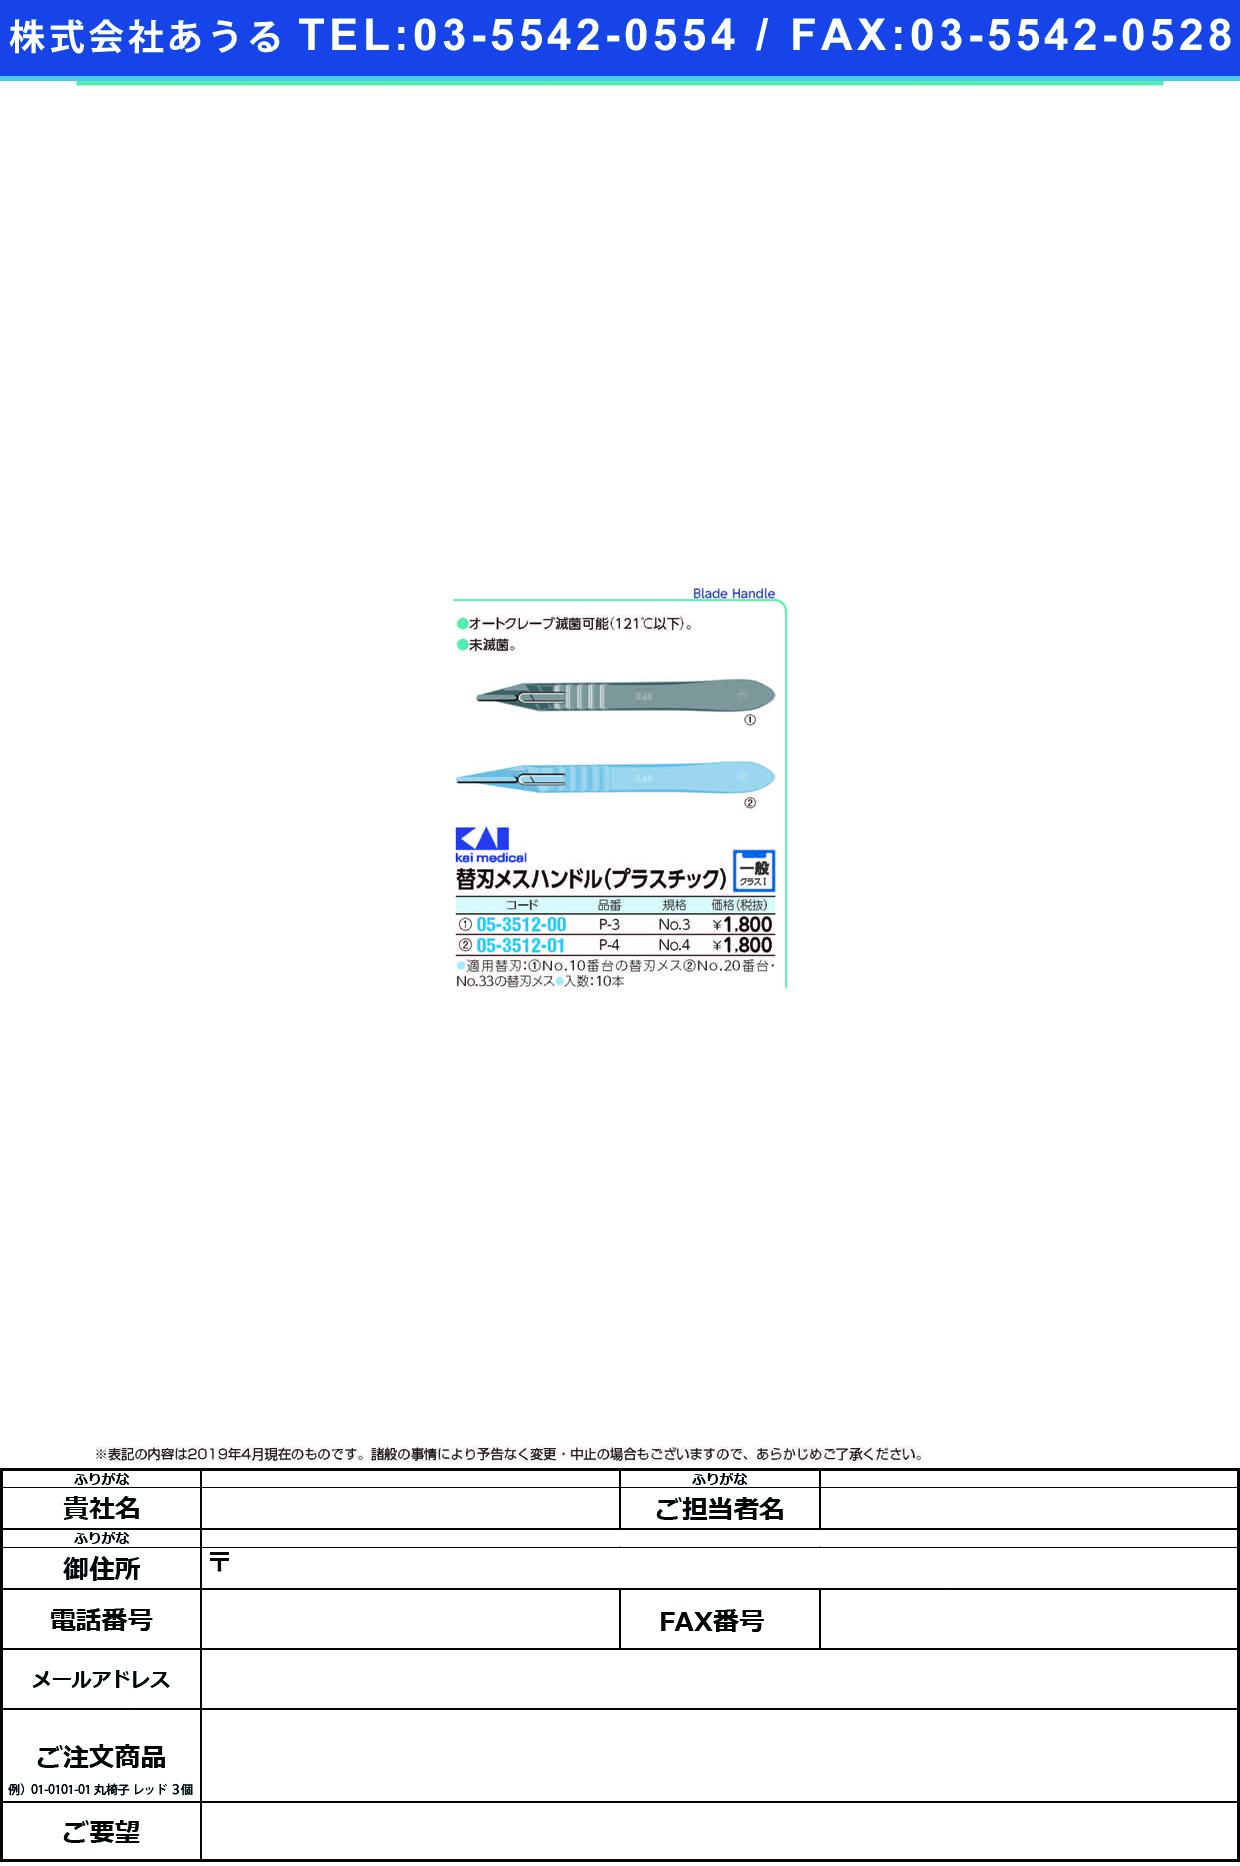 (05-3512-01)KAI替刃メスハンドル(プラスチック P-4(NO.4)10ポンイリ カエバメスハンドル(プラスチック)(カイインダストリーズ)【1箱単位】【2019年カタログ商品】